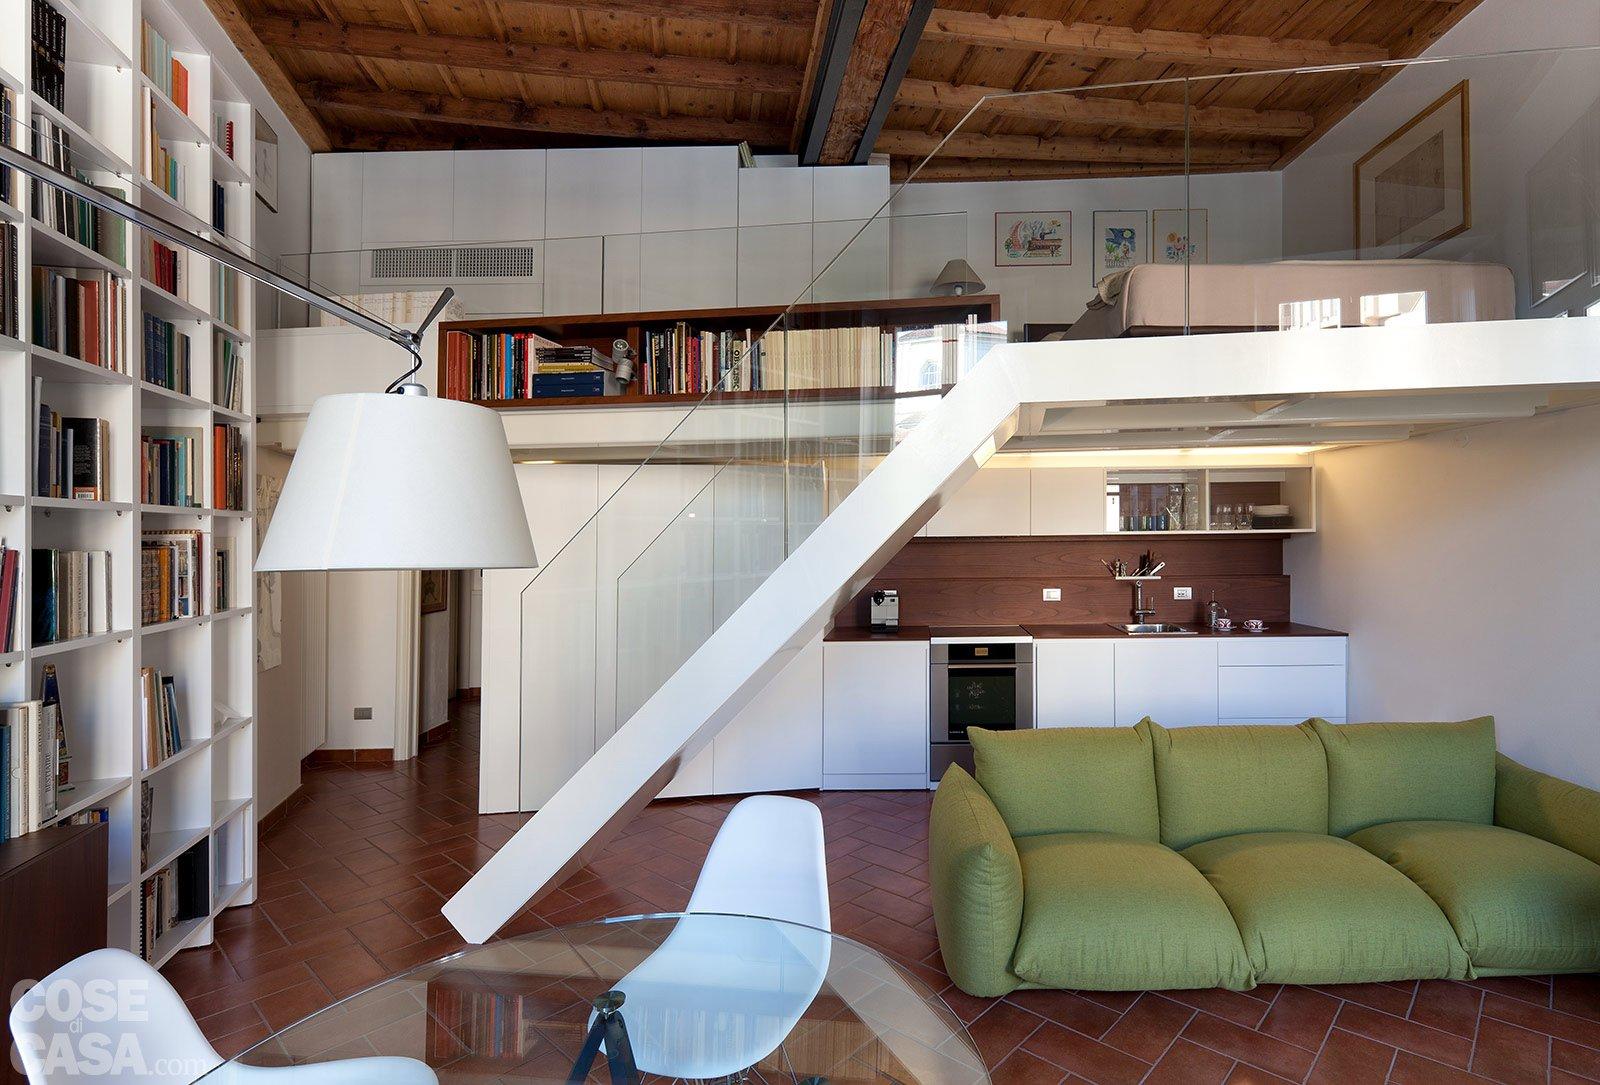 Un monolocale ampliato in altezza cose di casa for Piano di costruzione in legno soppalco